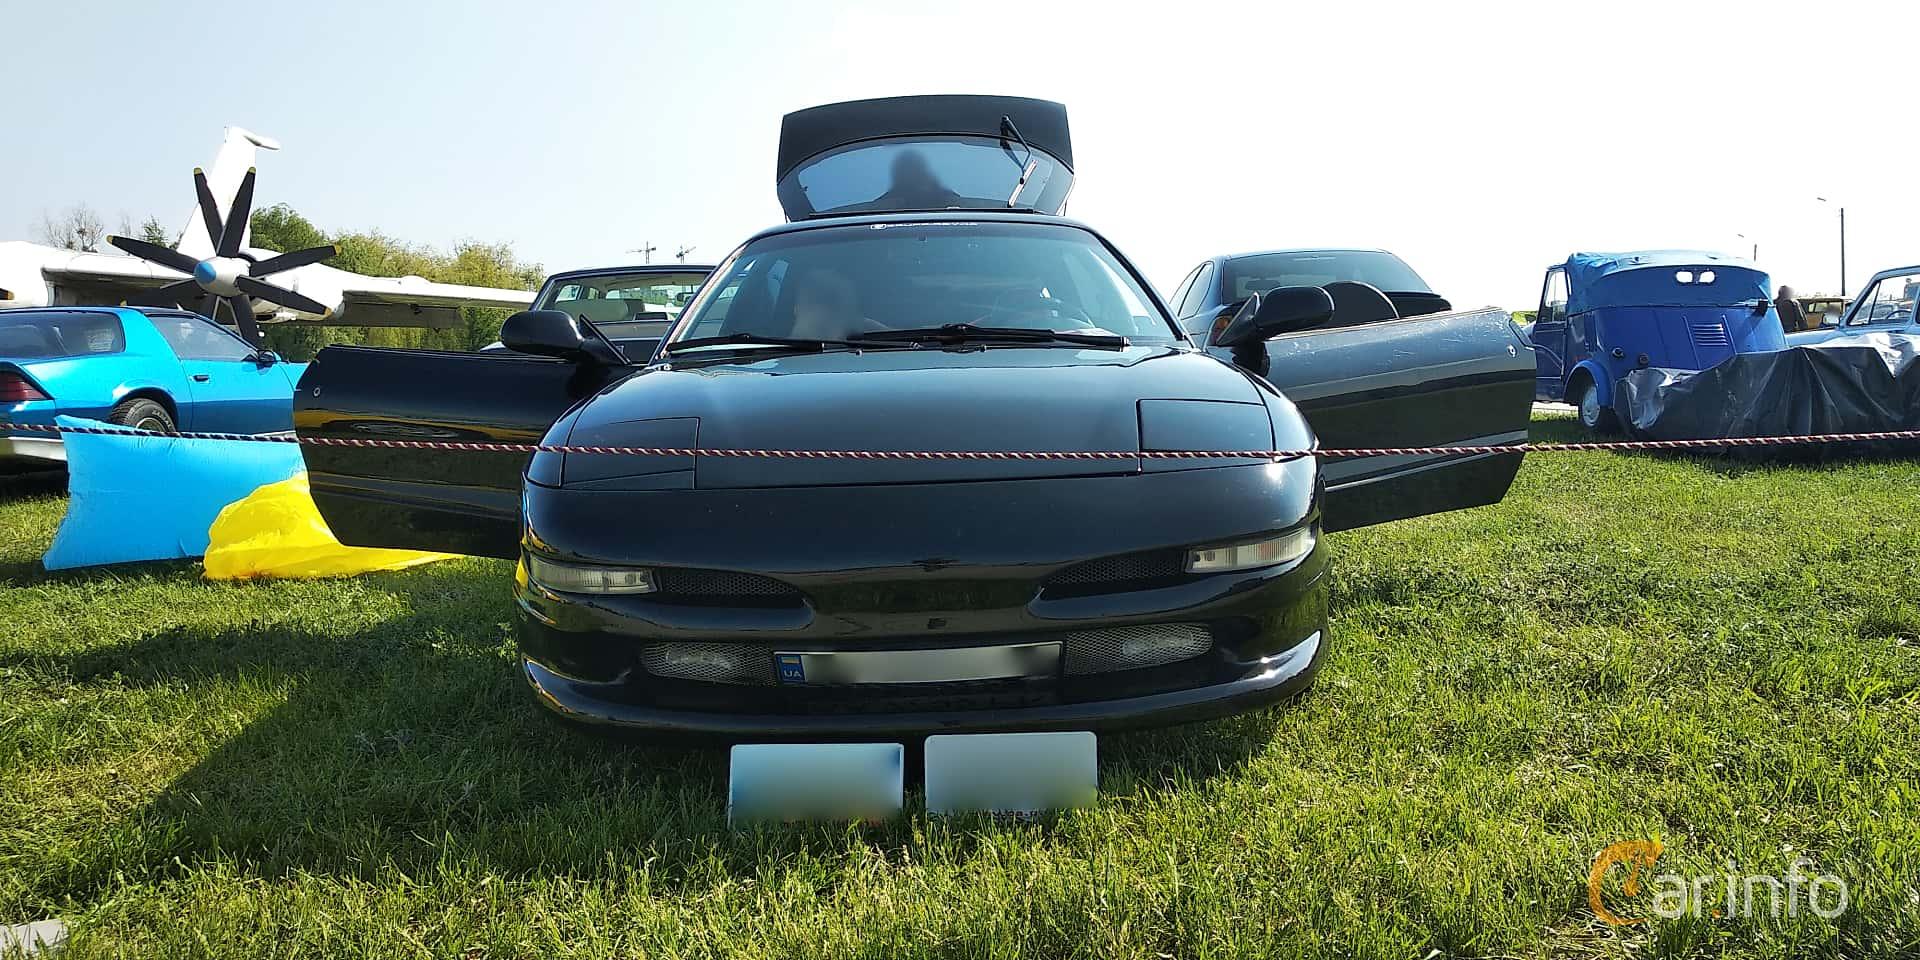 Ford Probe 2.5 V6 Manual, 163hp, 1993 at Old Car Land no.1 2019